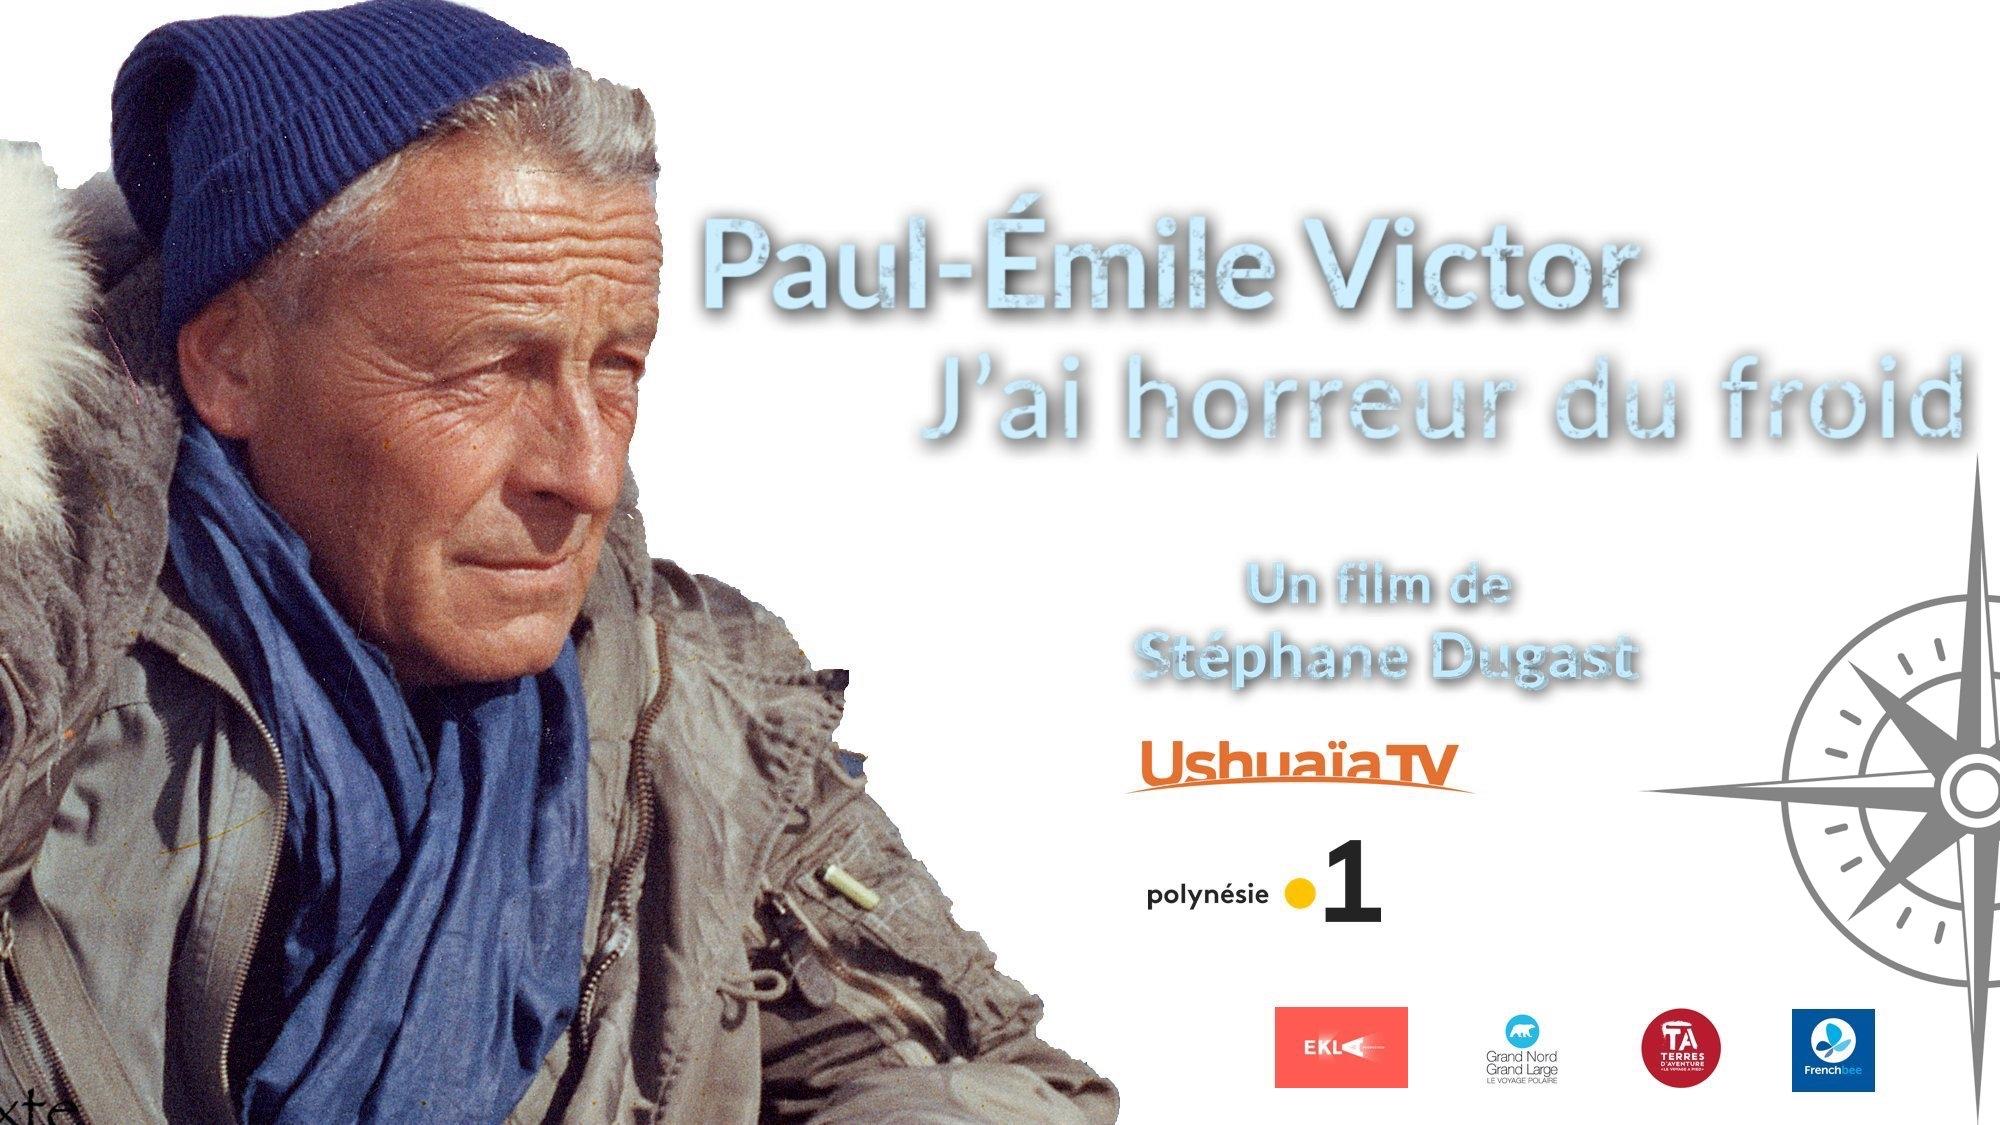 festival,curieux voyageur,saint etienne,1979,2019,40 ans,film,paul-emile victor,j'ai horreur du froid,voyage,aventures,exploration